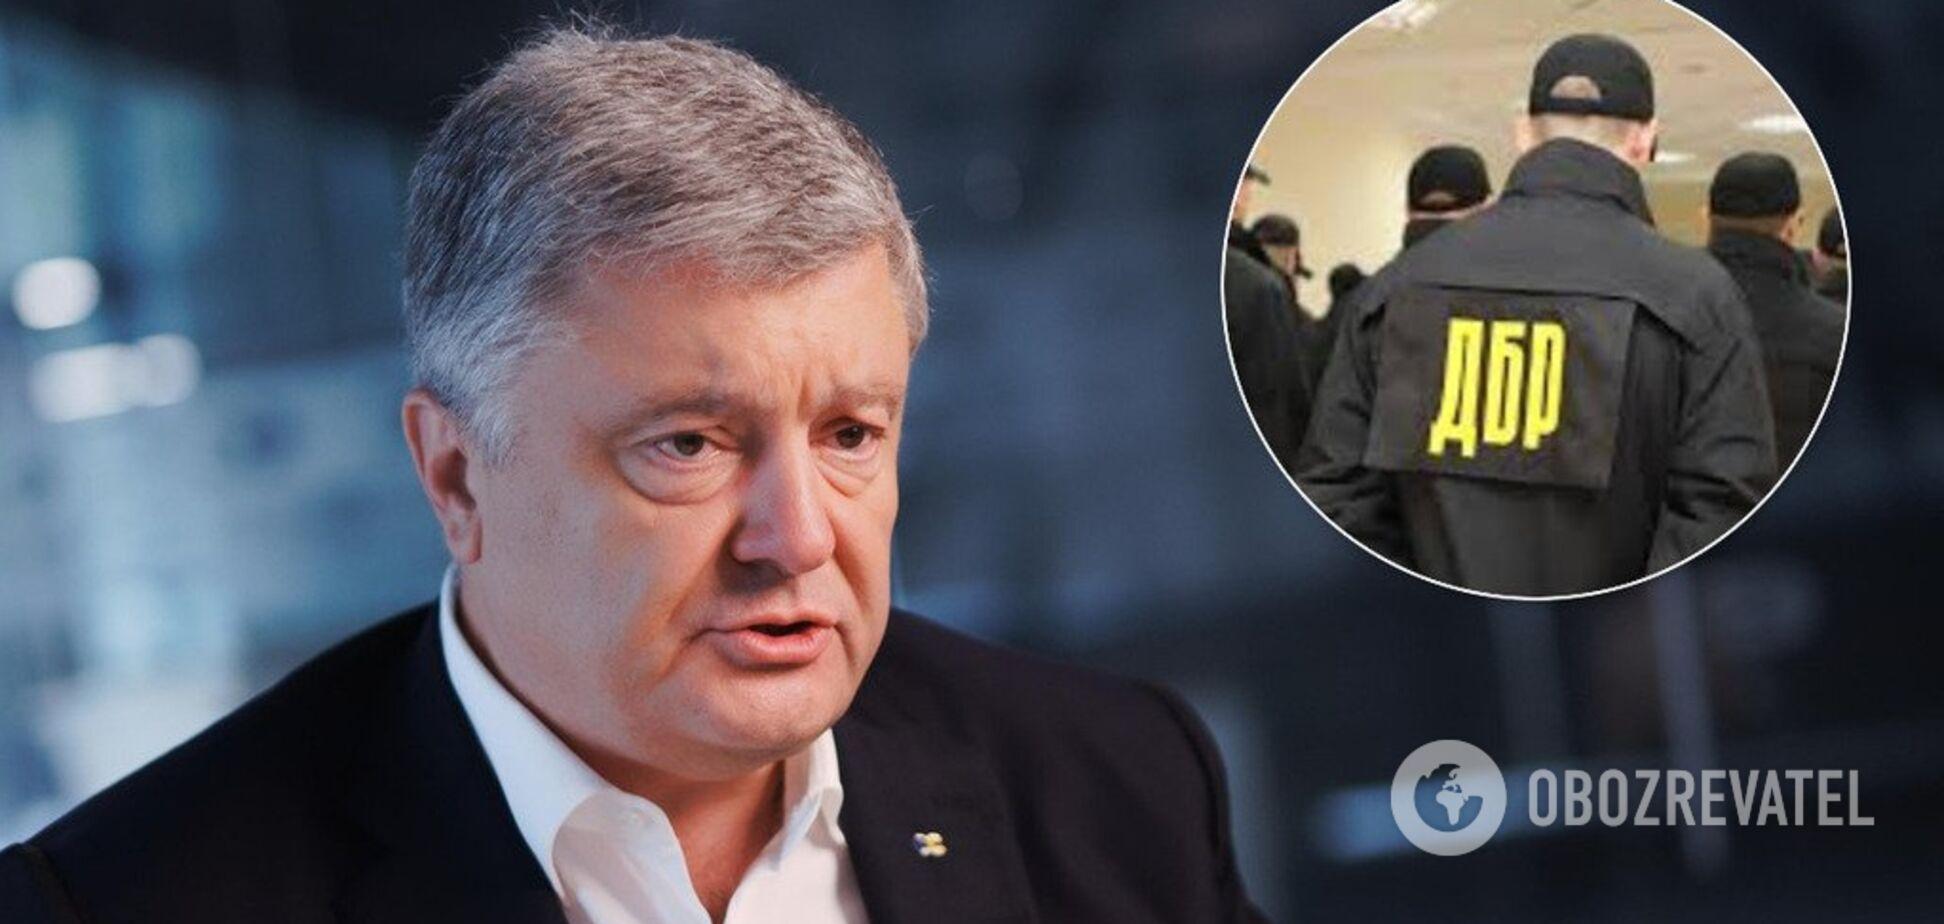 Головань предупредил ГБР об ответственности за сфабрикованные дела против Порошенко